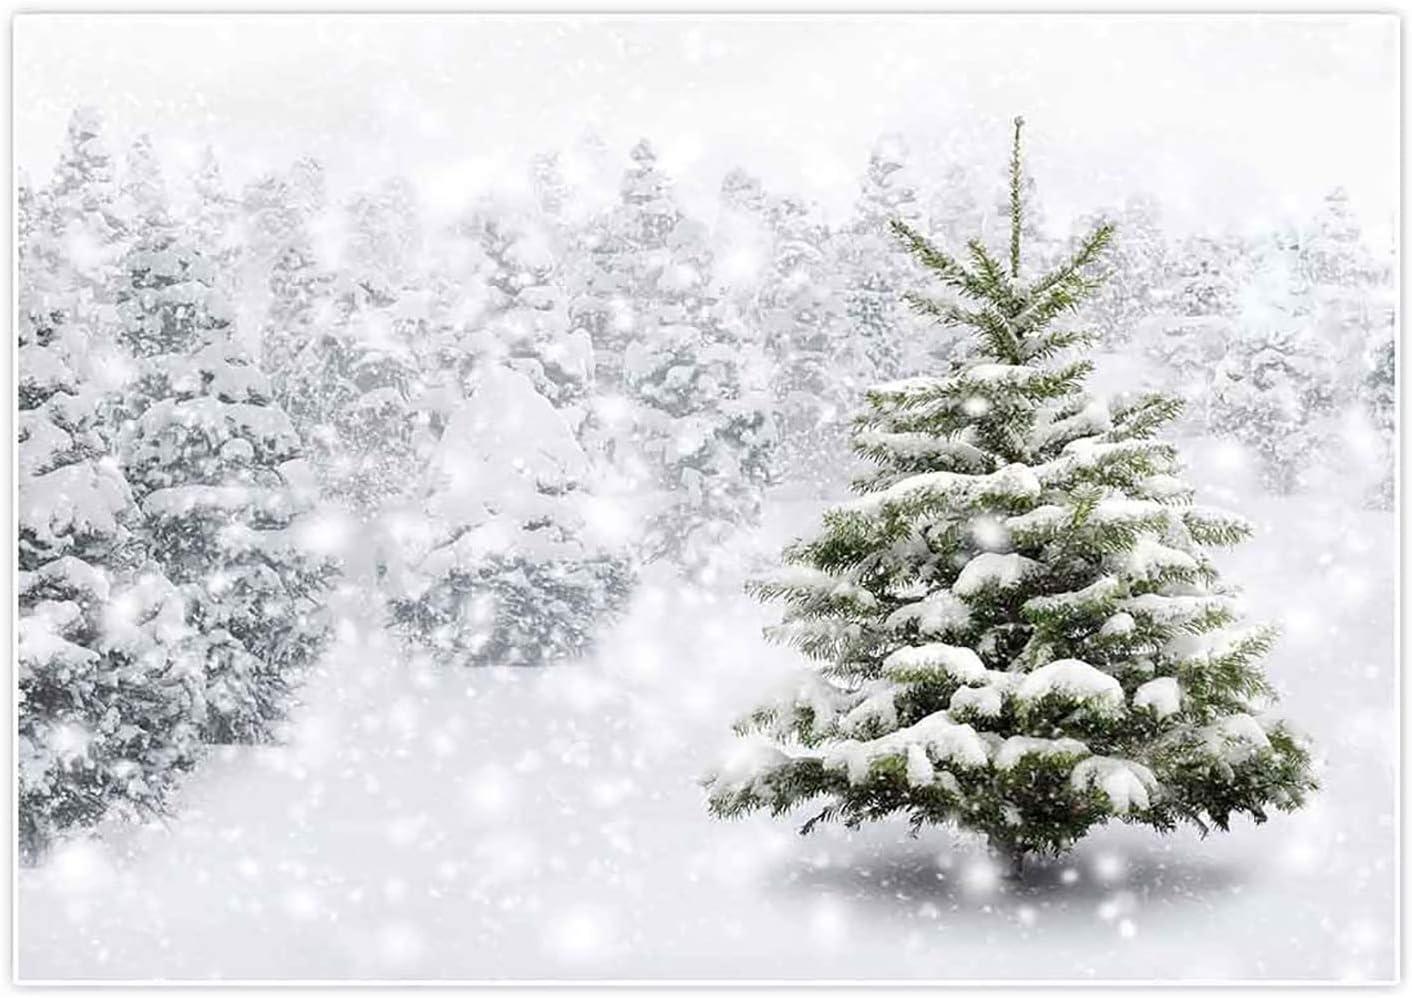 Allenjoy Invierno Bosque Fotografía telón de fondo Navidad Navidad Año Nuevo Fondo Nieve Árboles Decoraciones Fiesta Bebé Ducha Copo de Nieve Fotos Apoyos Suministros 2x1.5 m